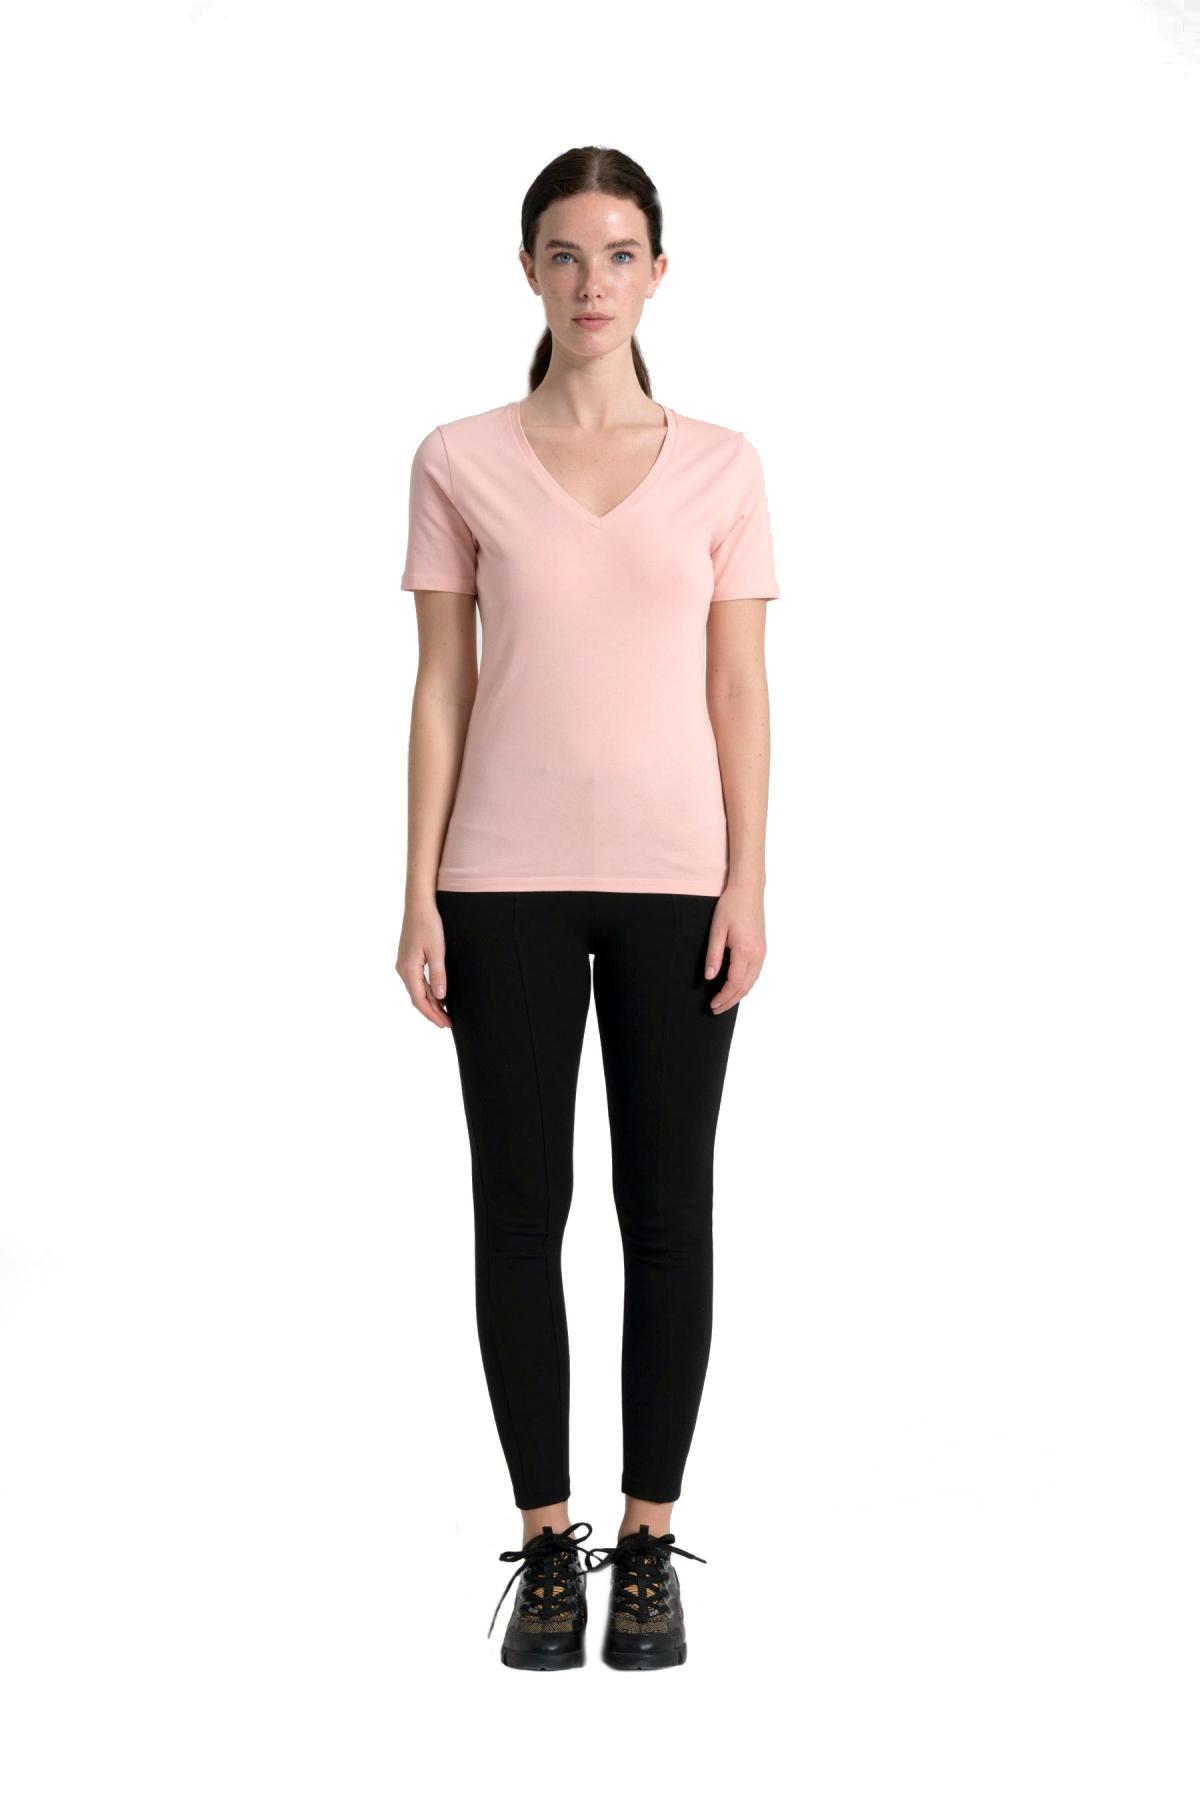 Neck Stone Detailed 95% Cotton T-Shirt newces-1000-P